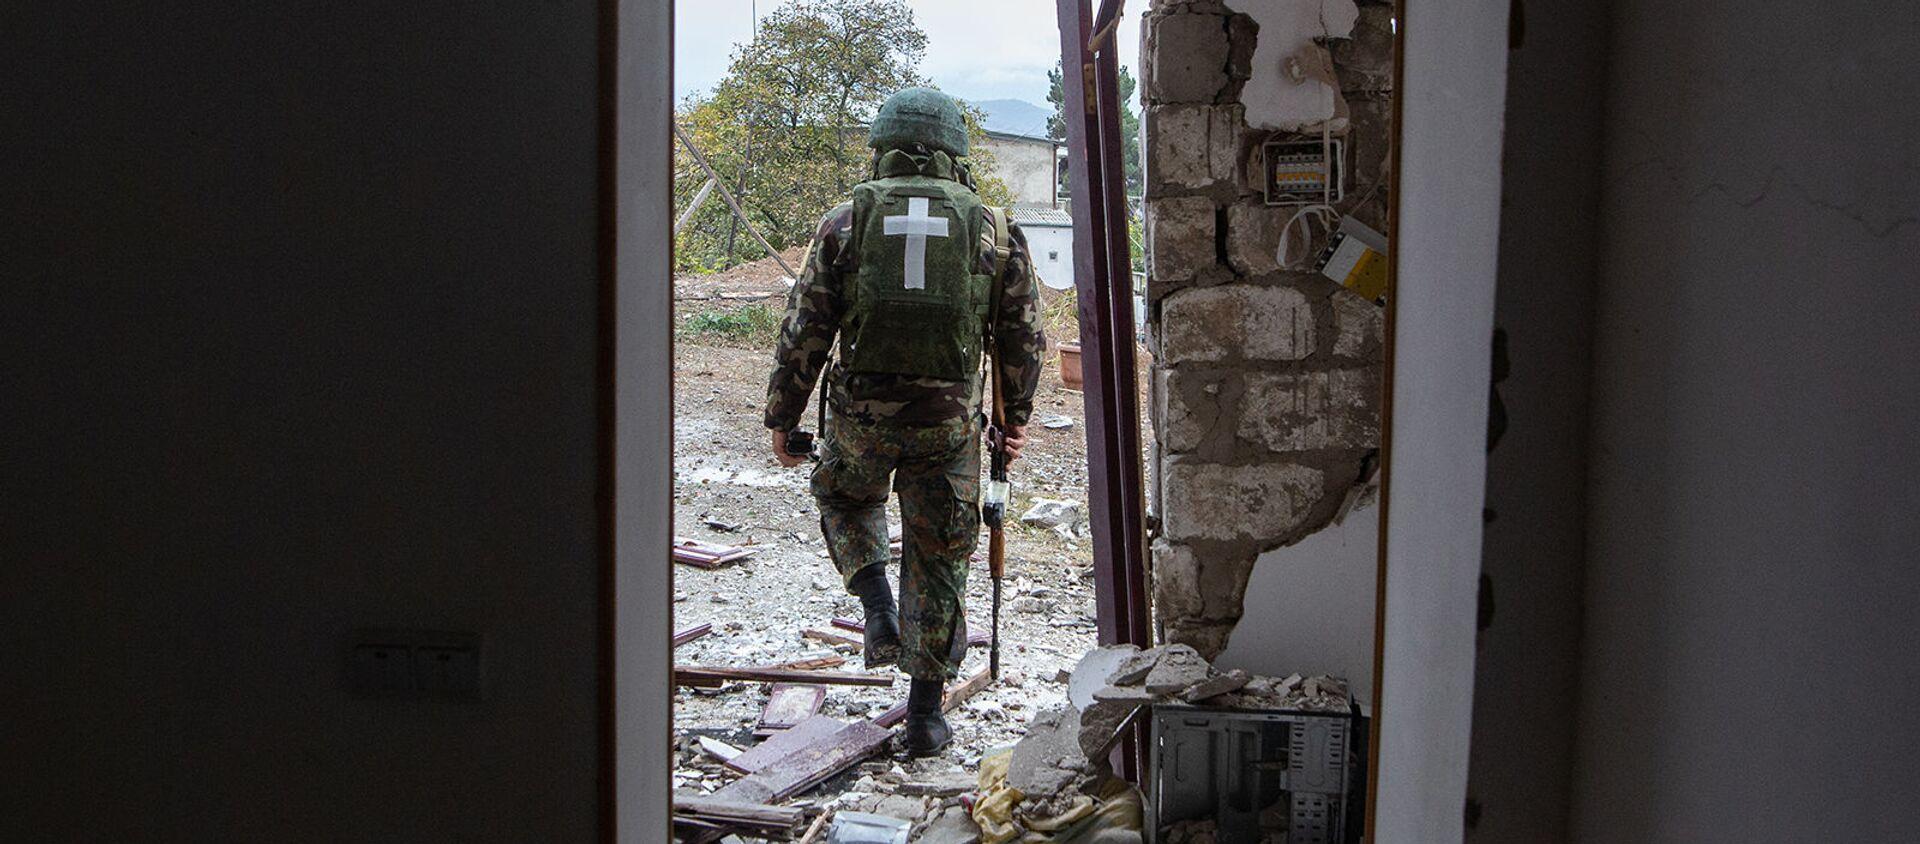 Военнослужащий возле дома, поврежденного в результате обстрела Степанакерта (6 ноября 2020). Карабах - Sputnik Армения, 1920, 13.07.2021